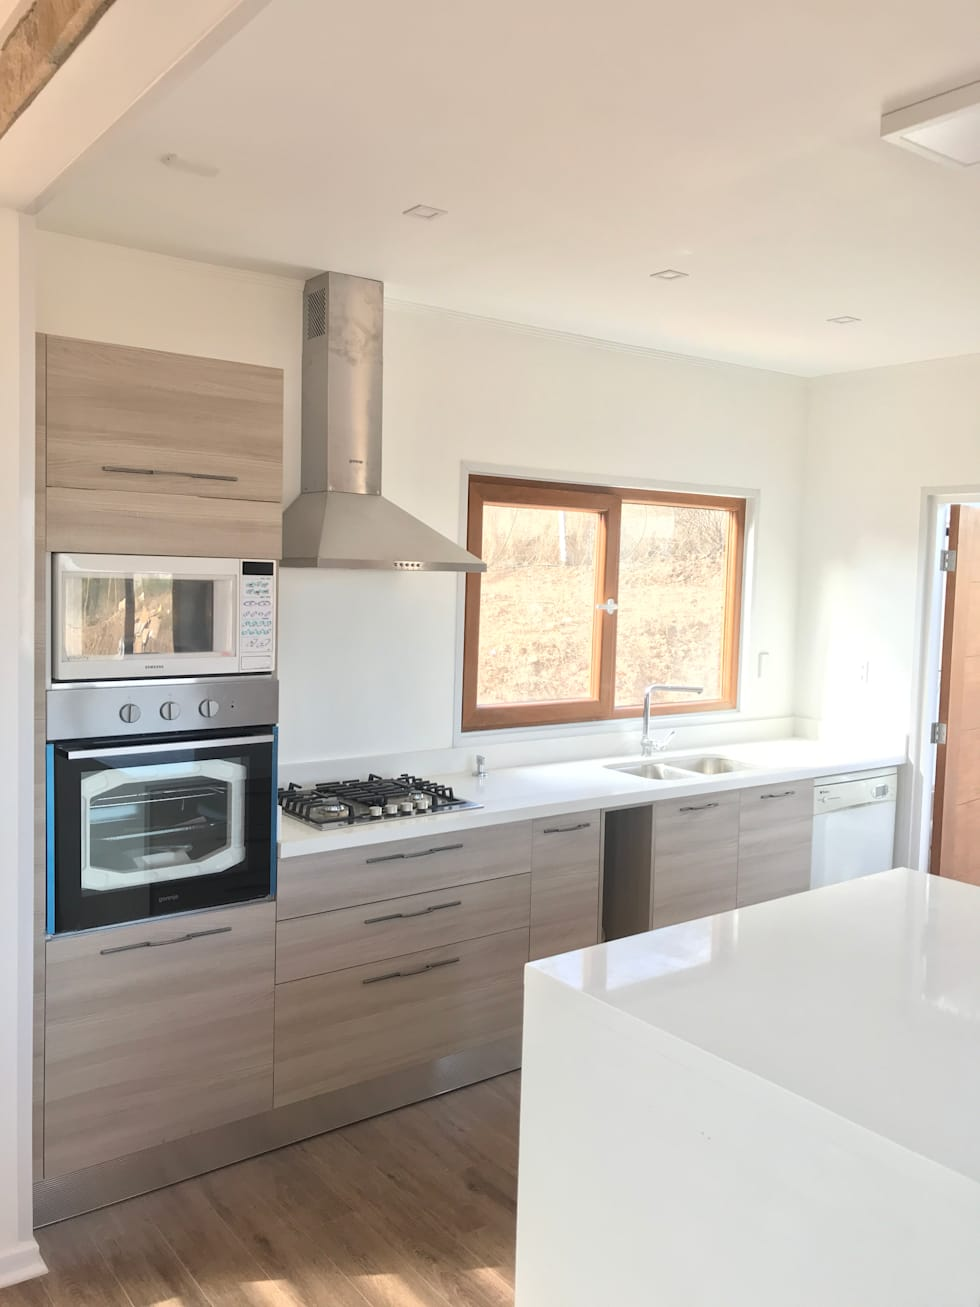 Columna Hornos cocina. Vivienda Lt37 Premium 125m2 Fundo Loreto.: Muebles de cocinas de estilo  por Territorio Arquitectura y Construccion